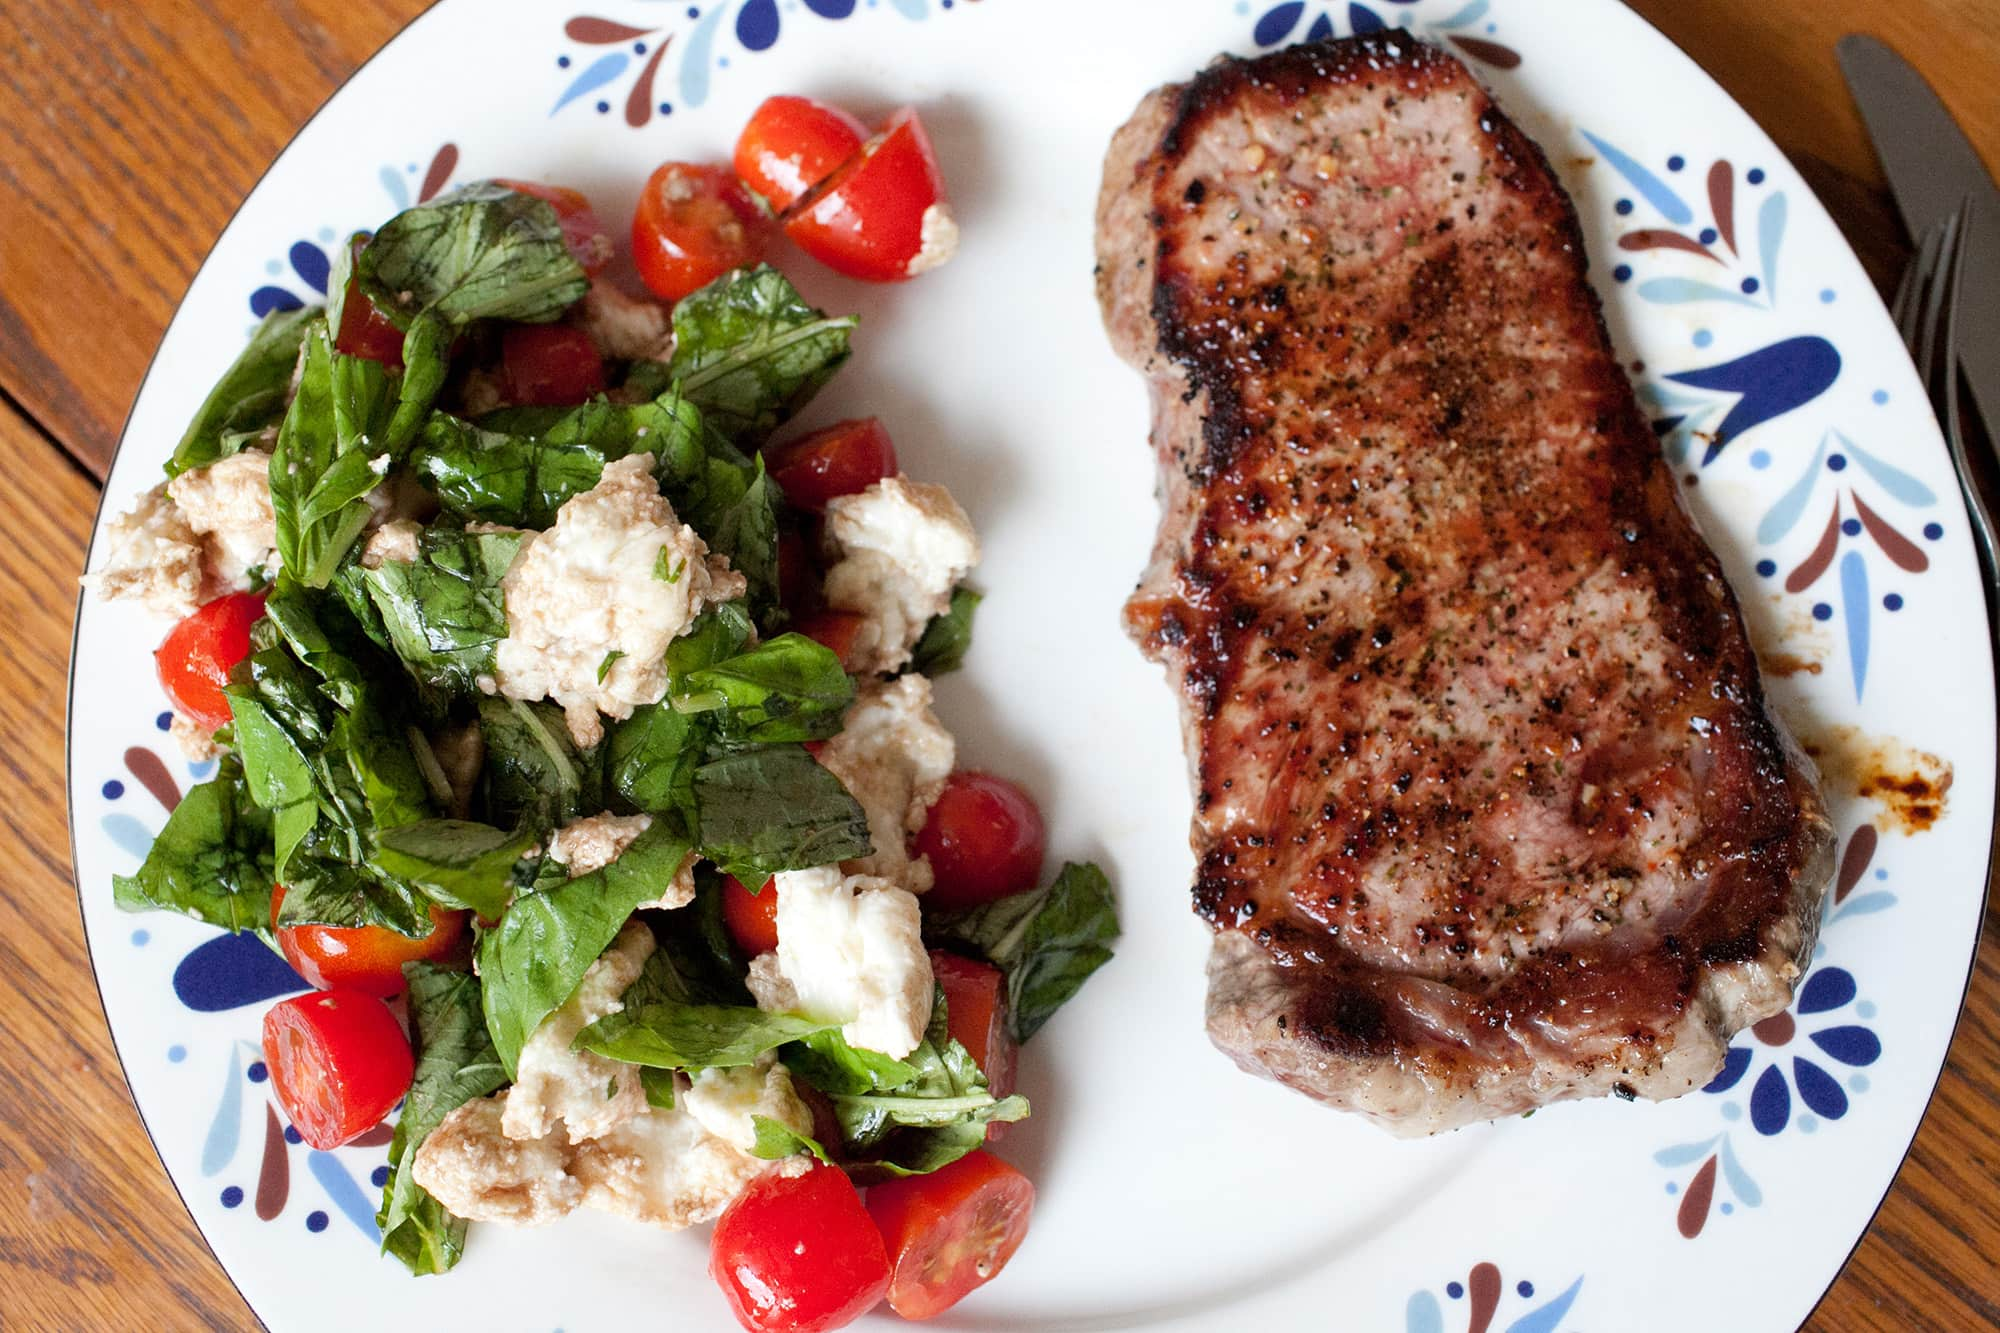 Rib eye steak and a caprese salad.